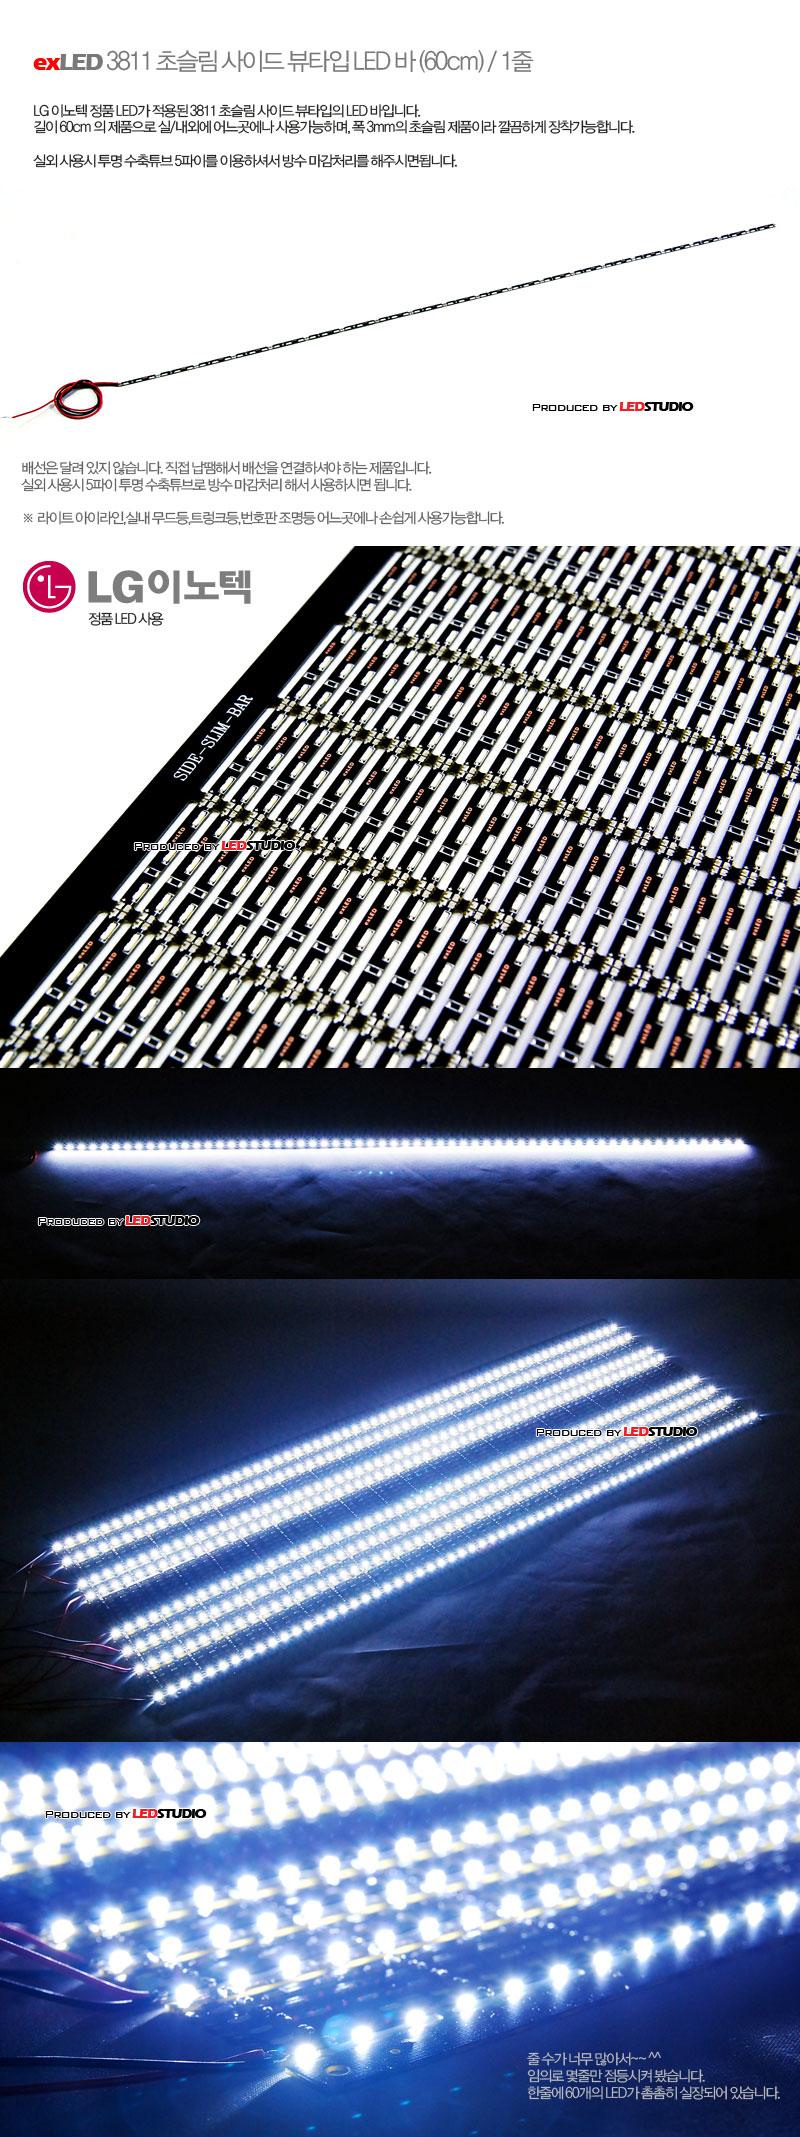 exLED 3811 초슬림 사이드 뷰타입 LED 바 (60cm) LG이노텍 정품LED사용 / 1줄 (화이트/옐로우 中 택1)